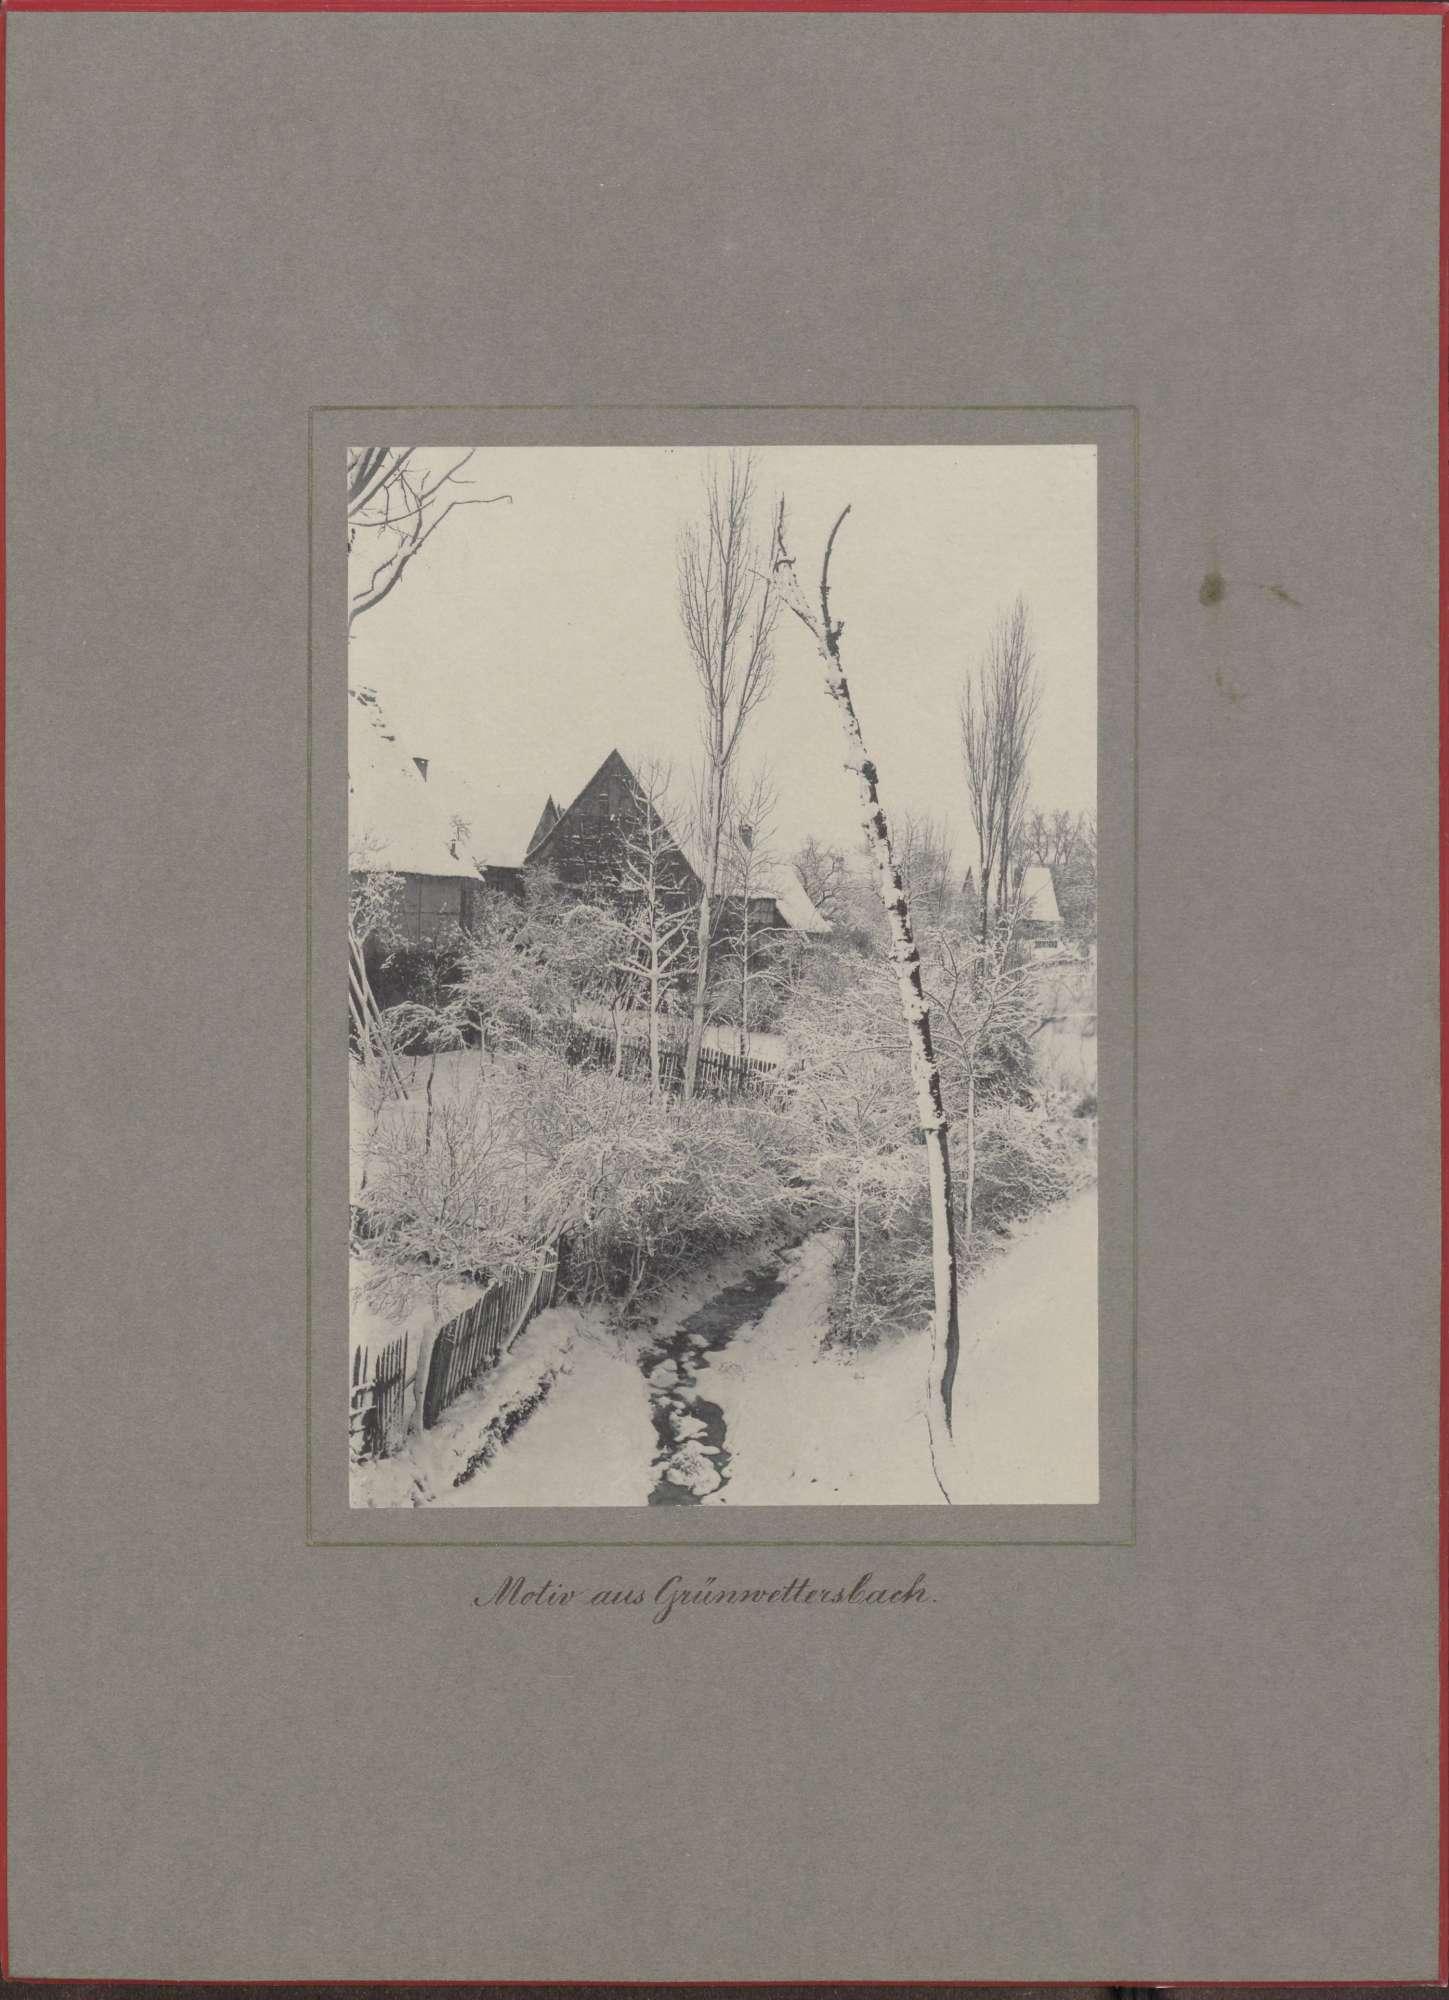 """""""Motiv aus Grünwettersbach""""., Bild 1"""